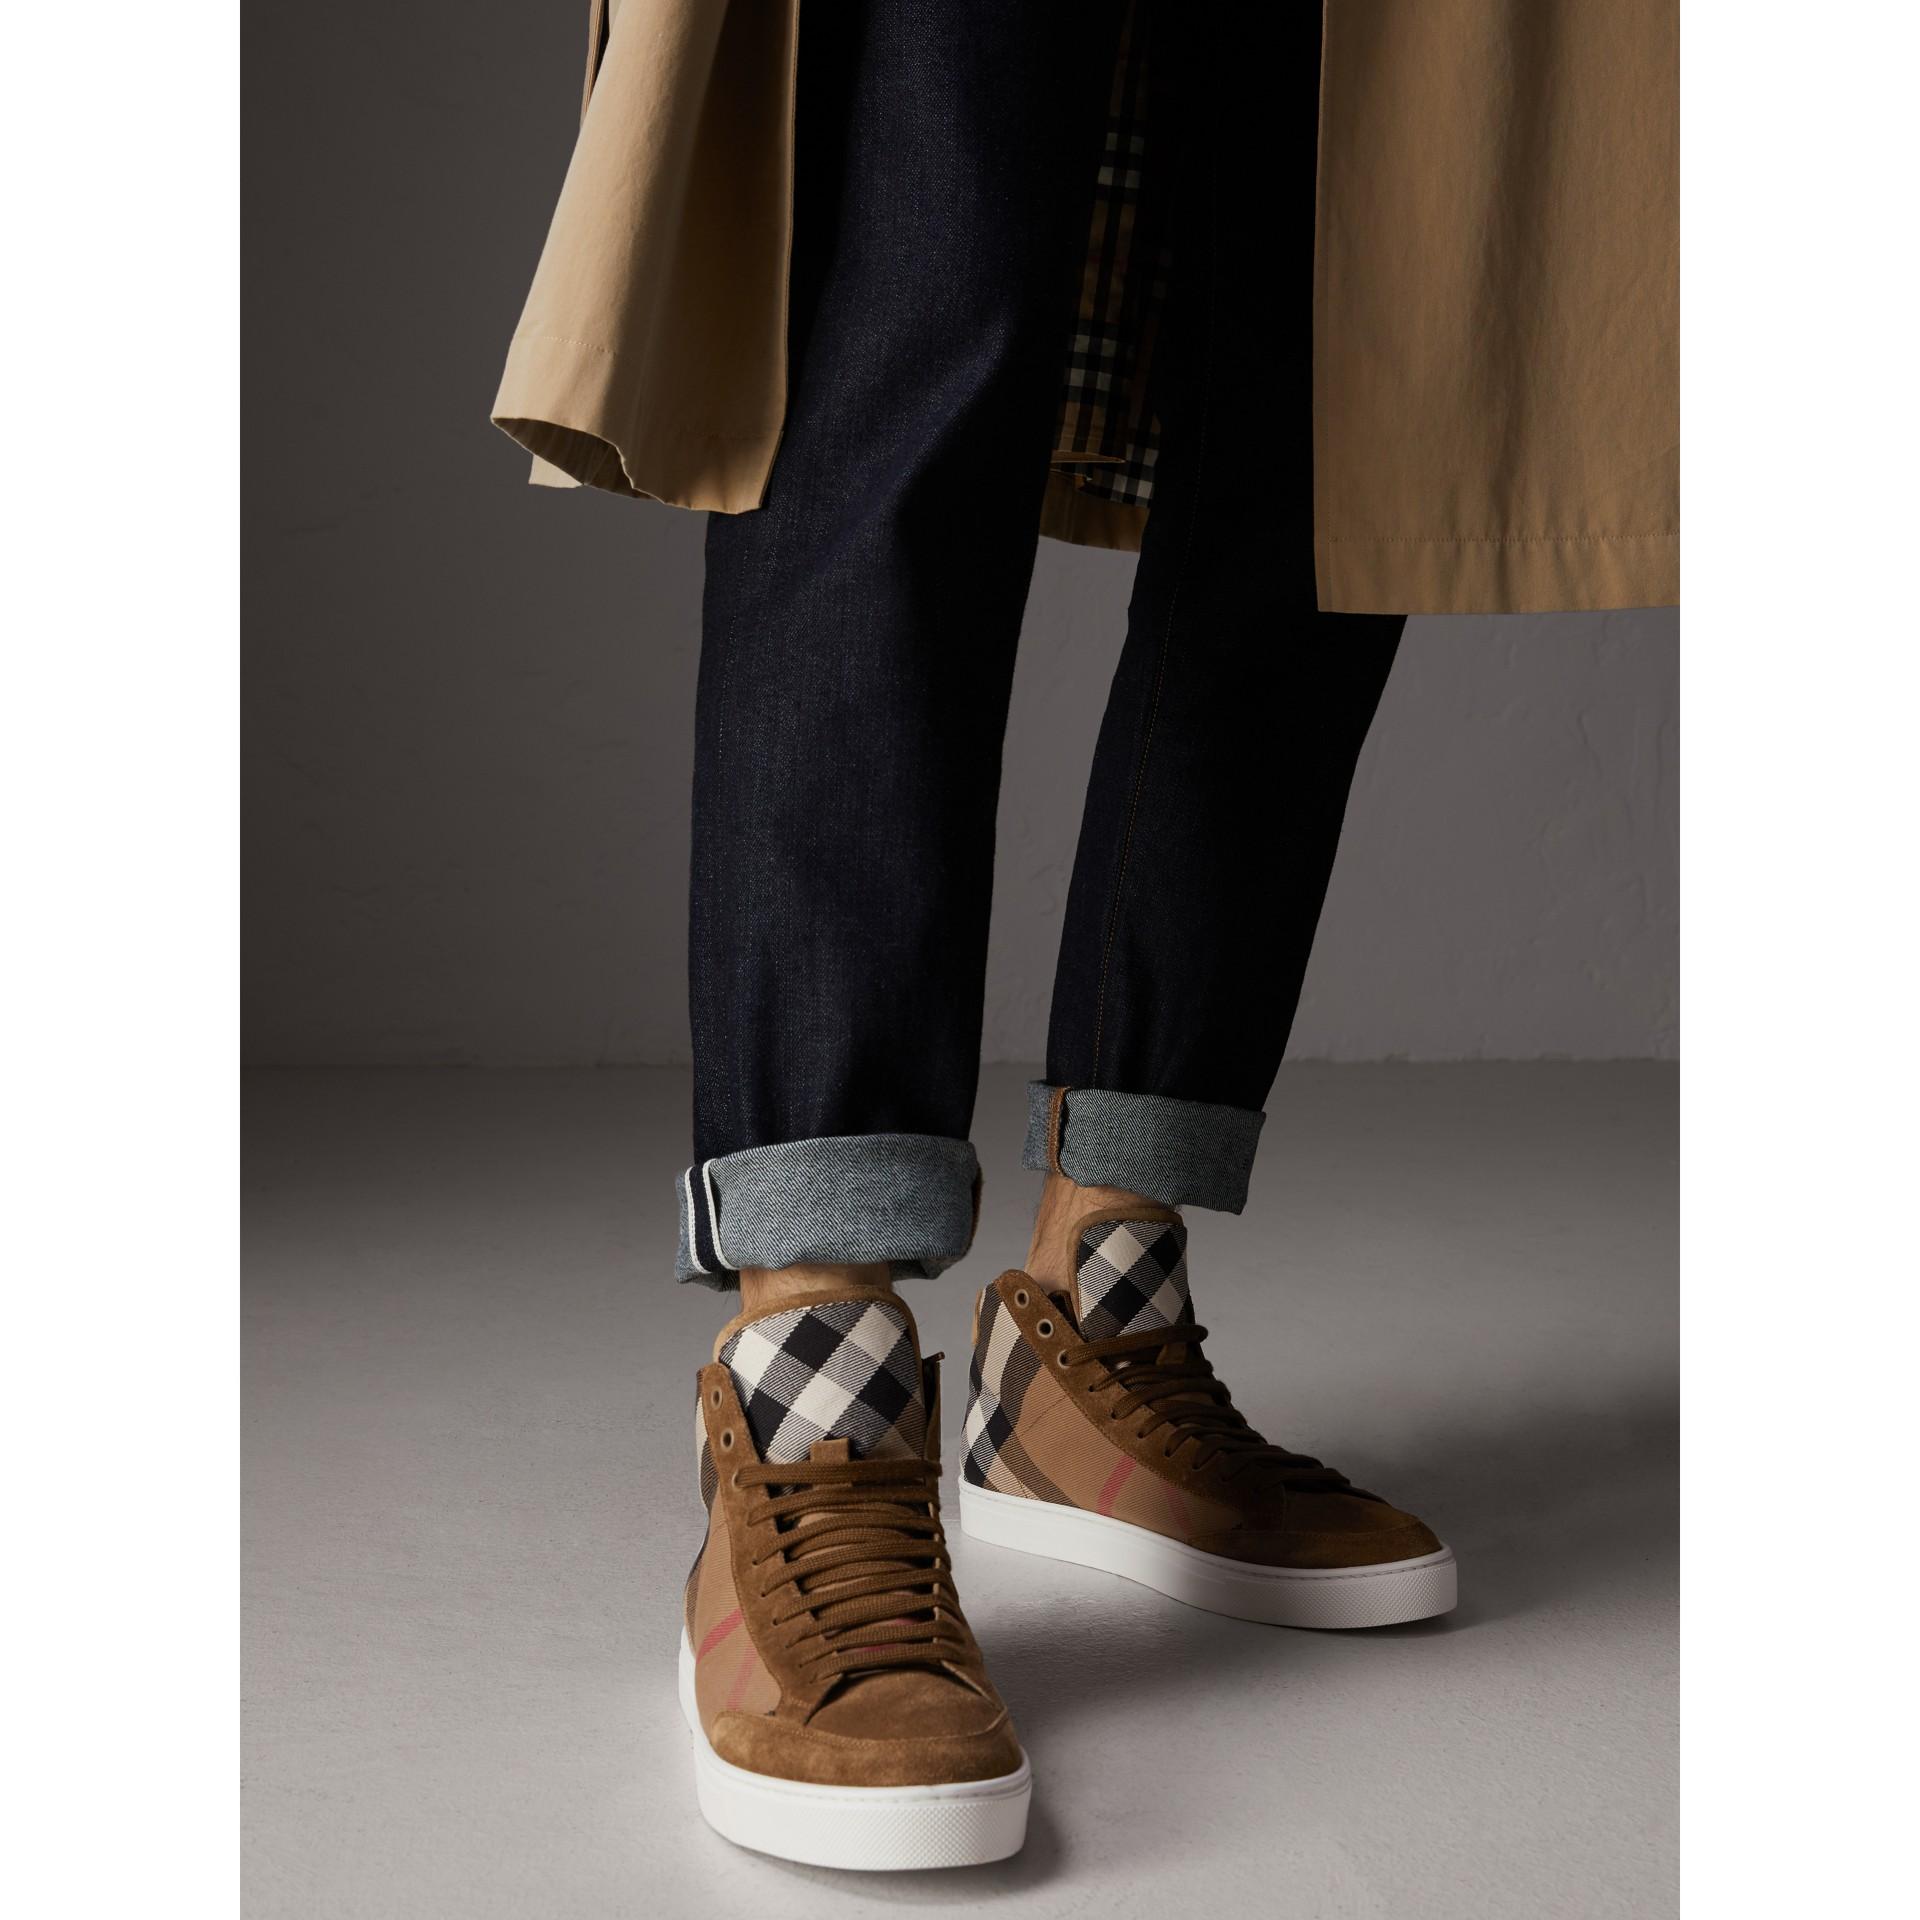 House 格紋棉拼小牛麂皮高筒運動鞋 (亞麻棕色) - 男款 | Burberry - 圖庫照片 3